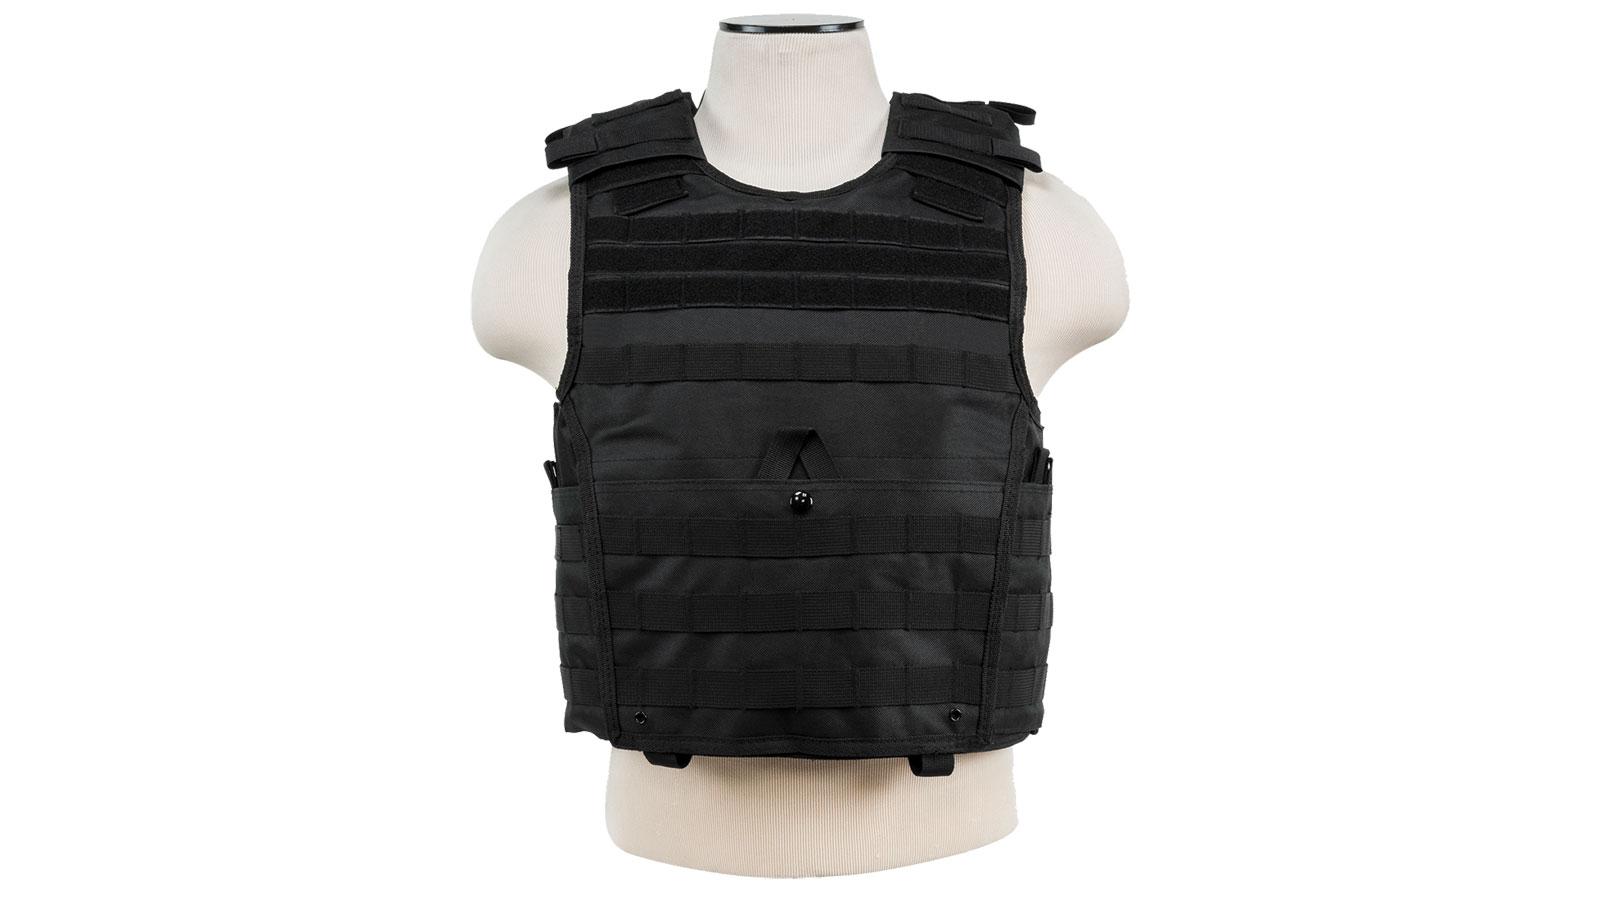 NC Star Vism Expert Plate Carrier Vest, Black